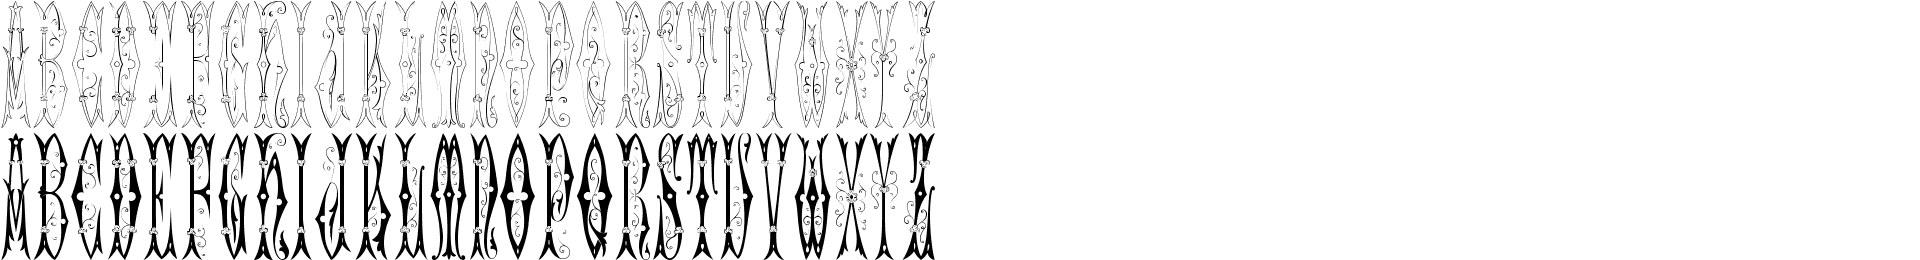 Sajou Fancy Gothic